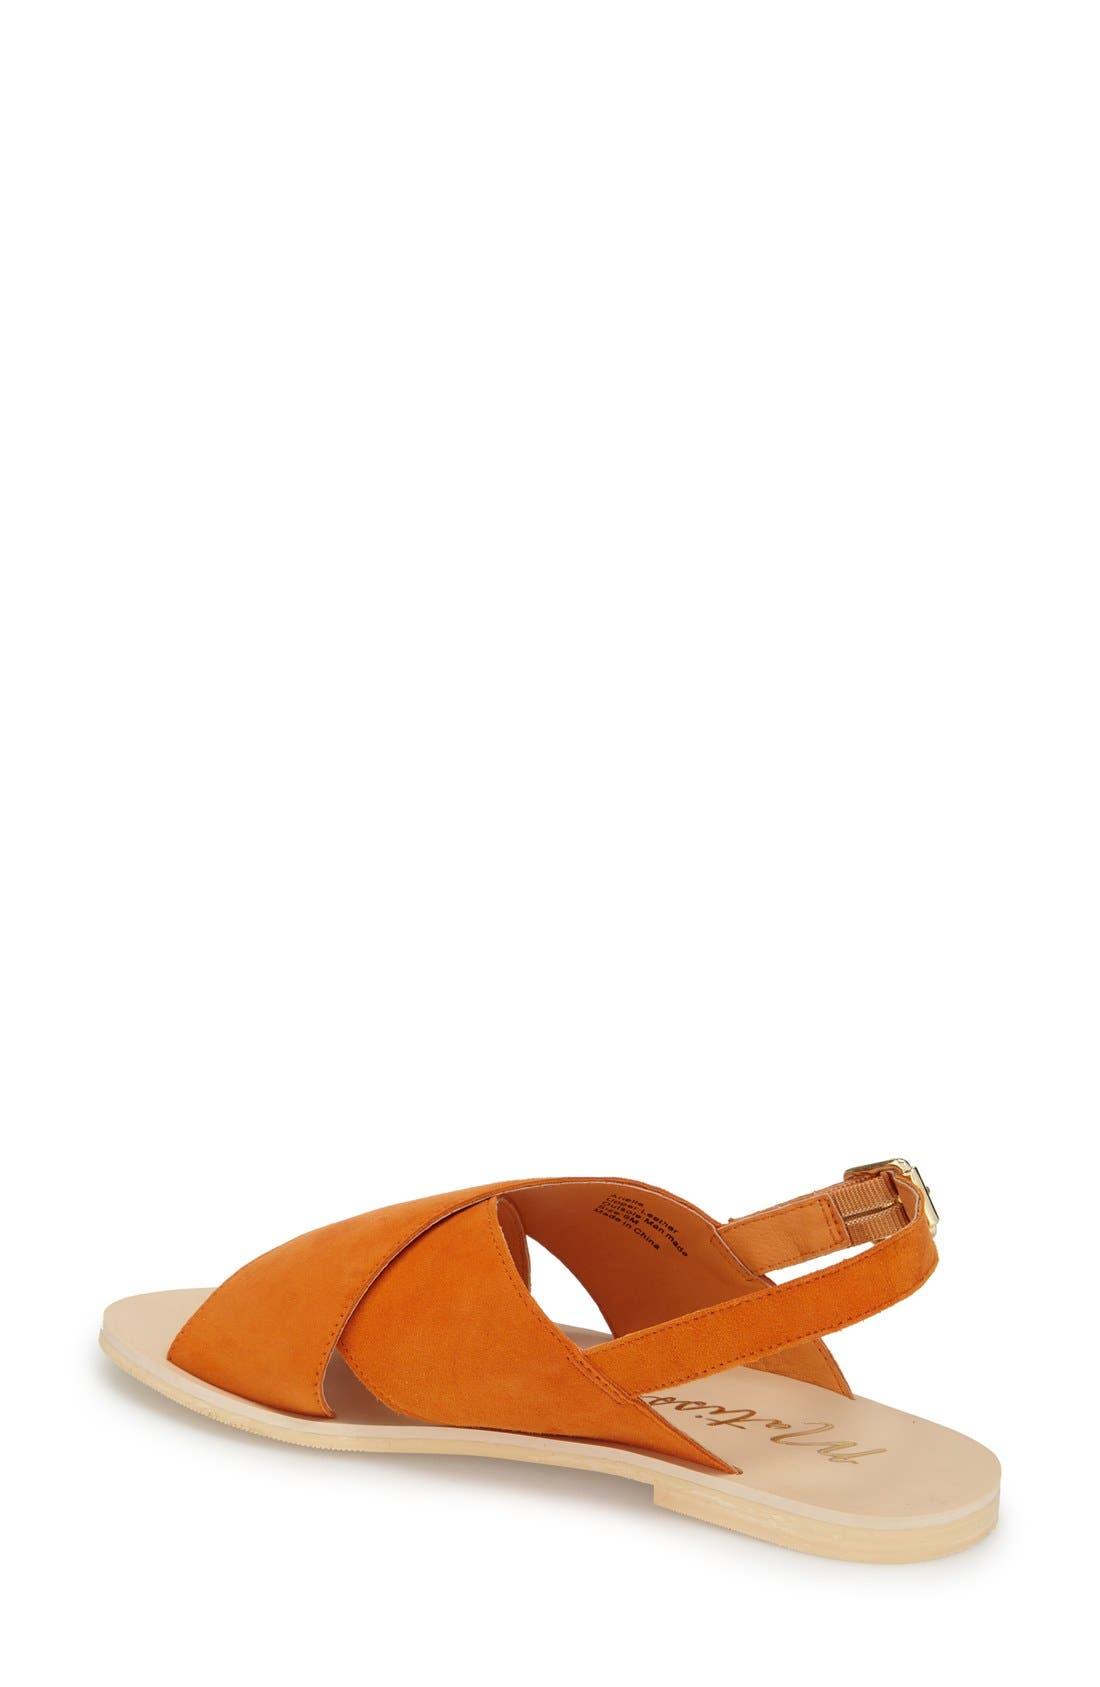 Alternate Image 2  - Matisse 'Arielle' Slingback Sandal (Women)